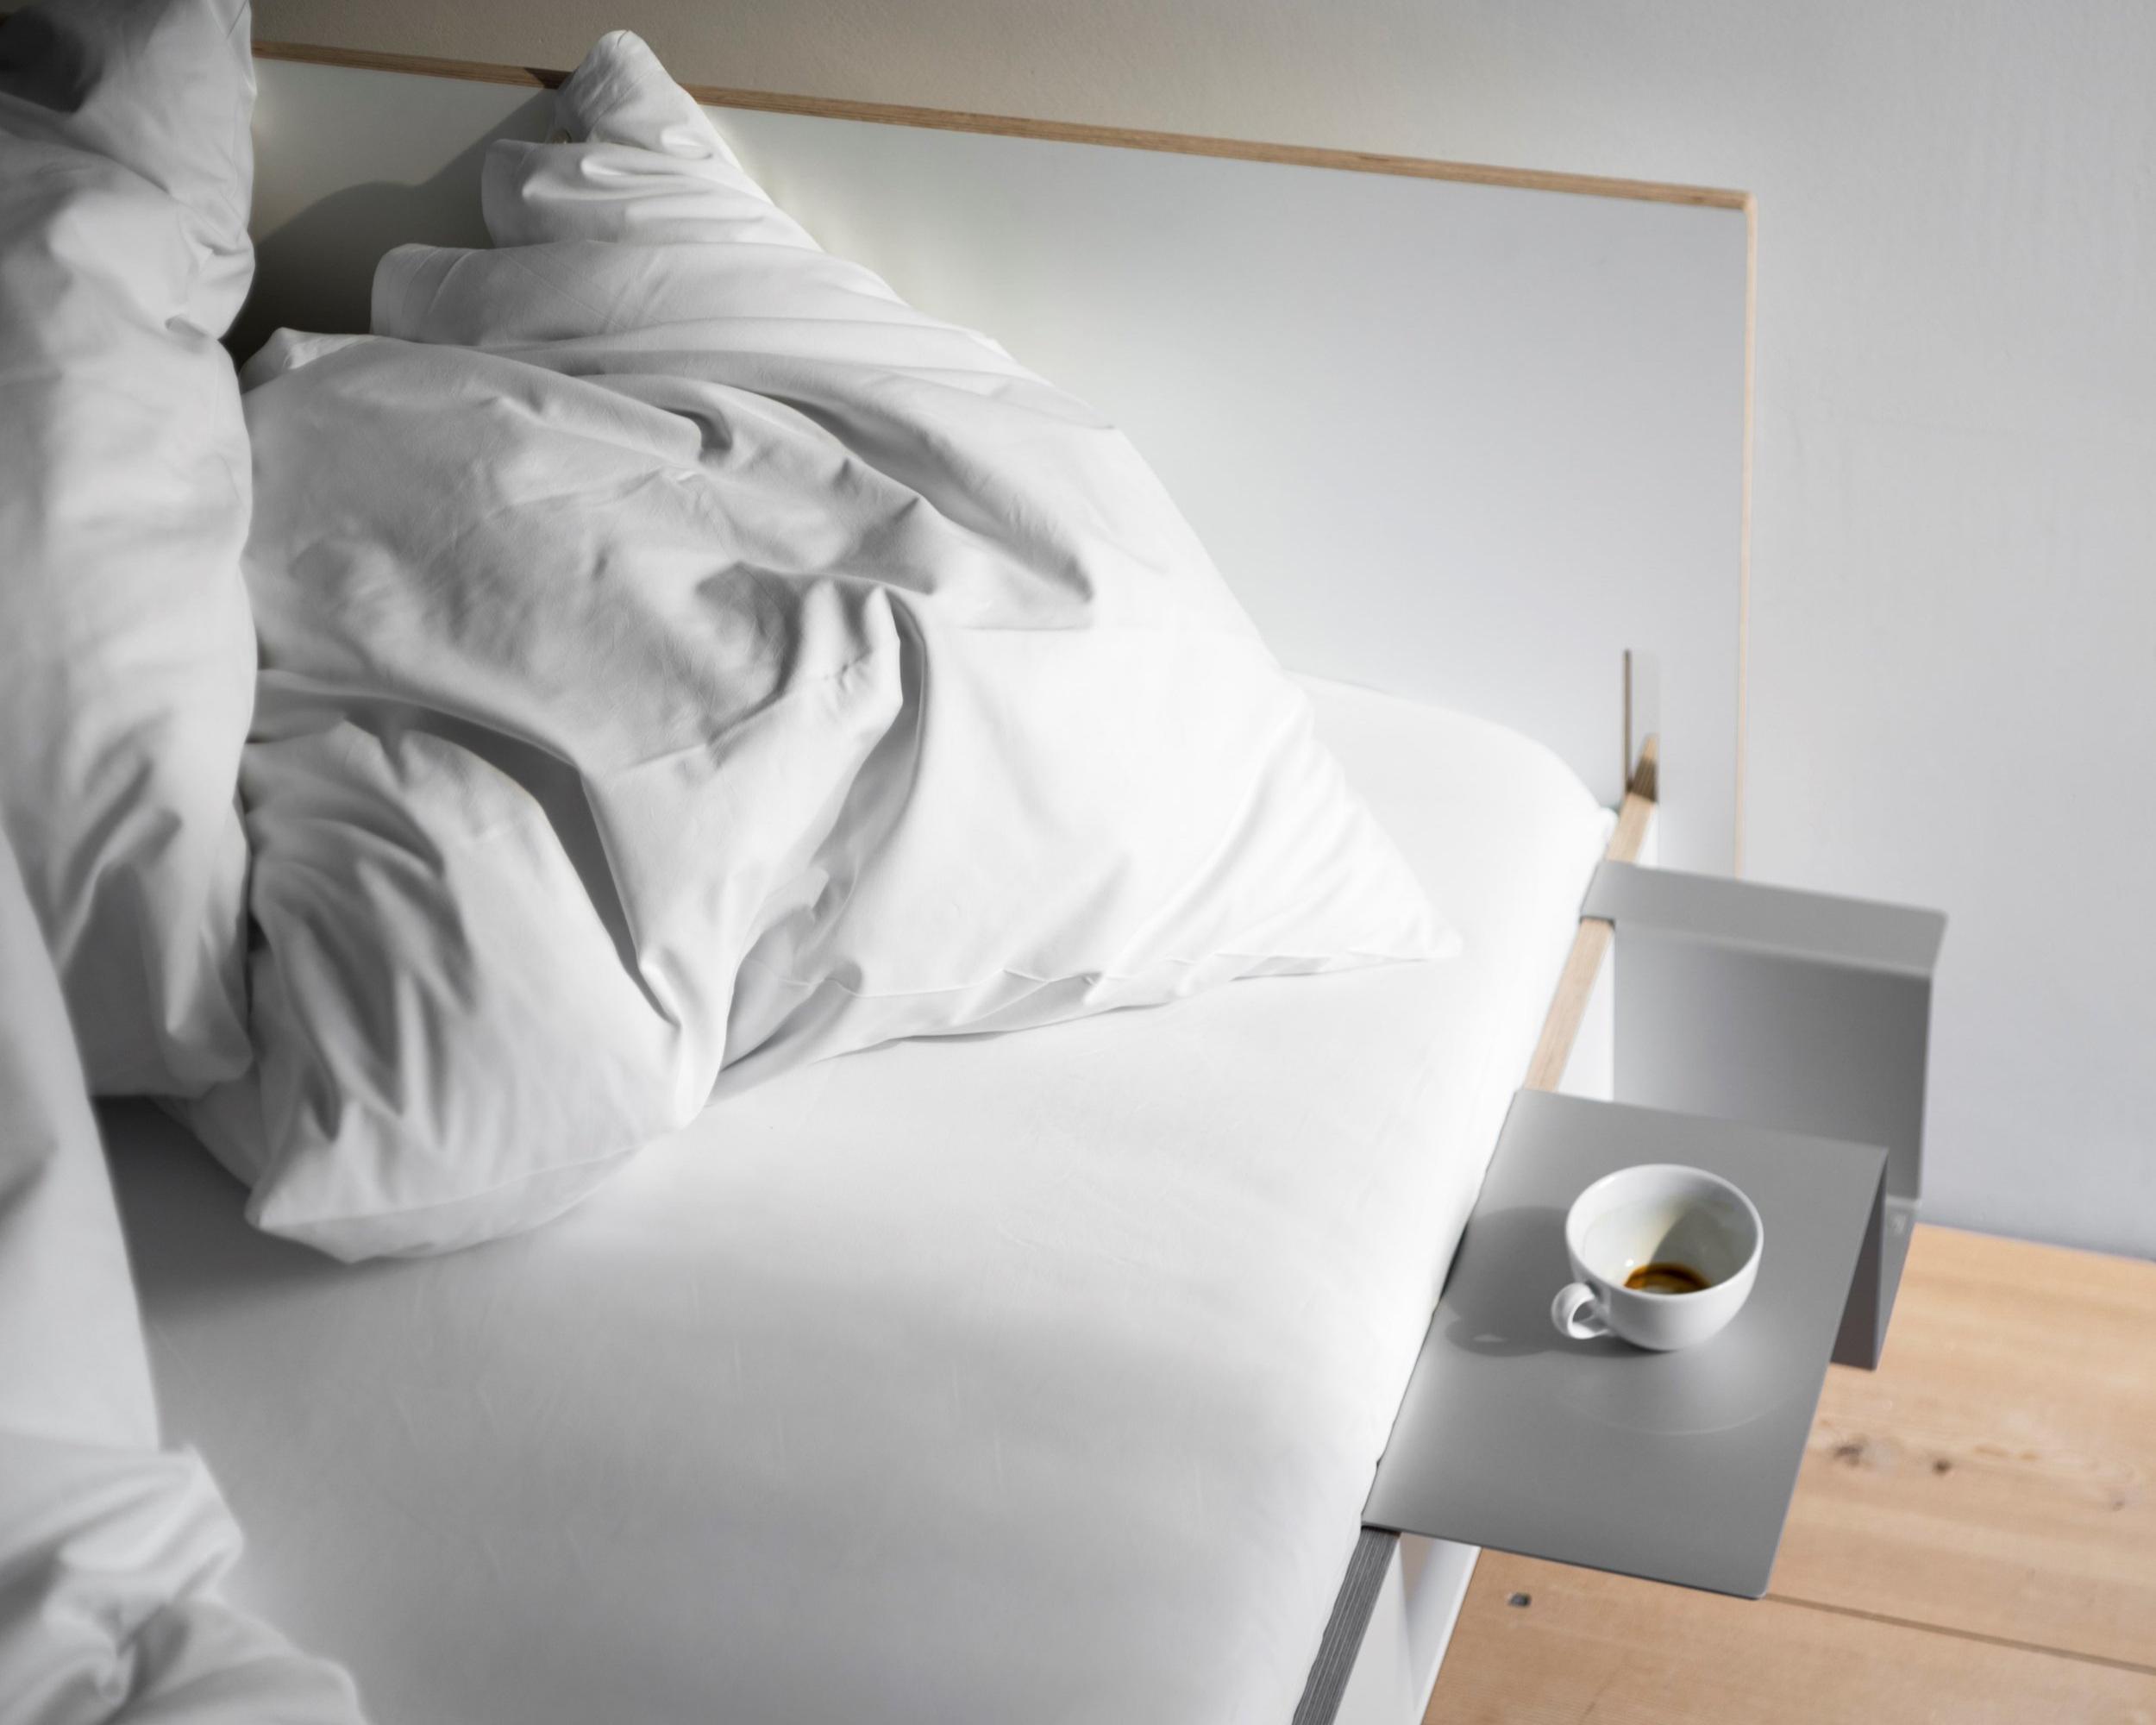 Seitenablage Siebenschläfer - Hersteller: Moormann